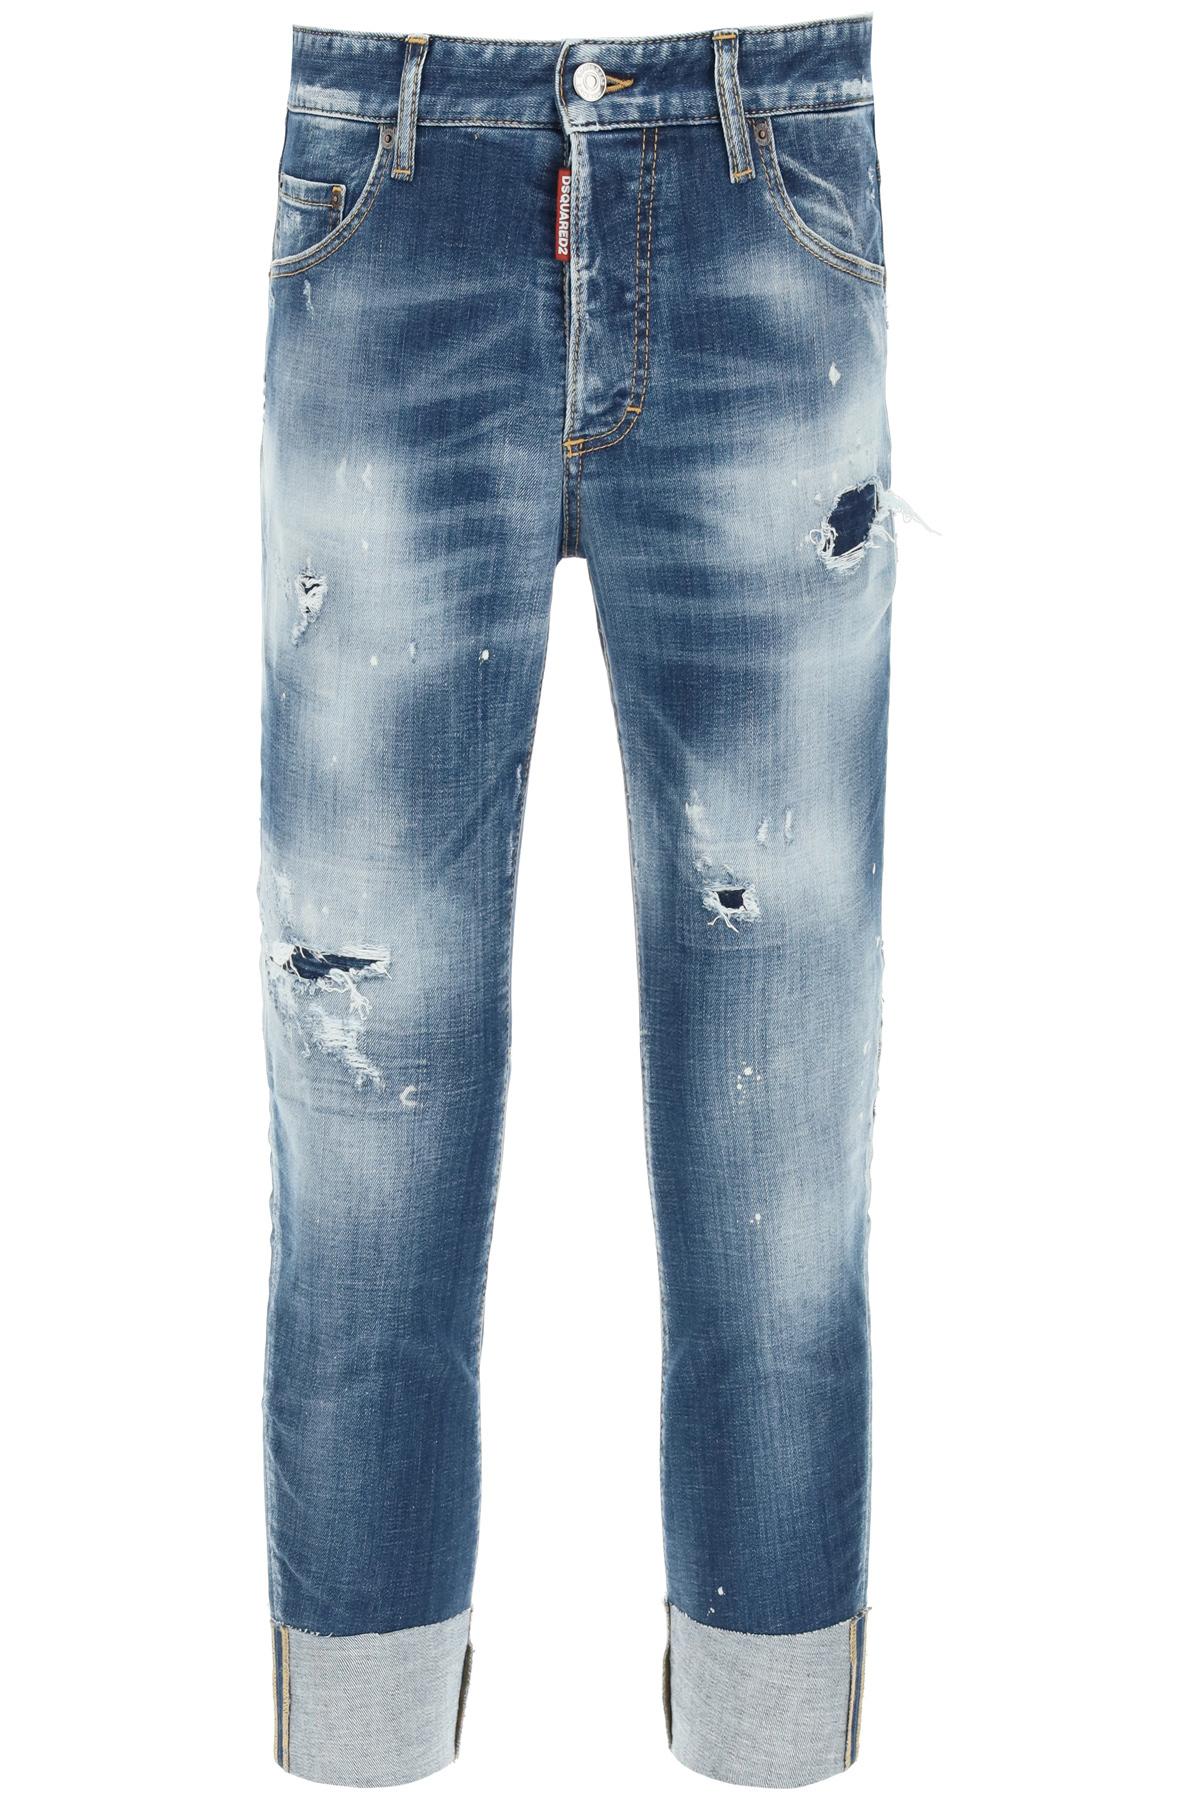 Dsquared2 jeans fit sailor